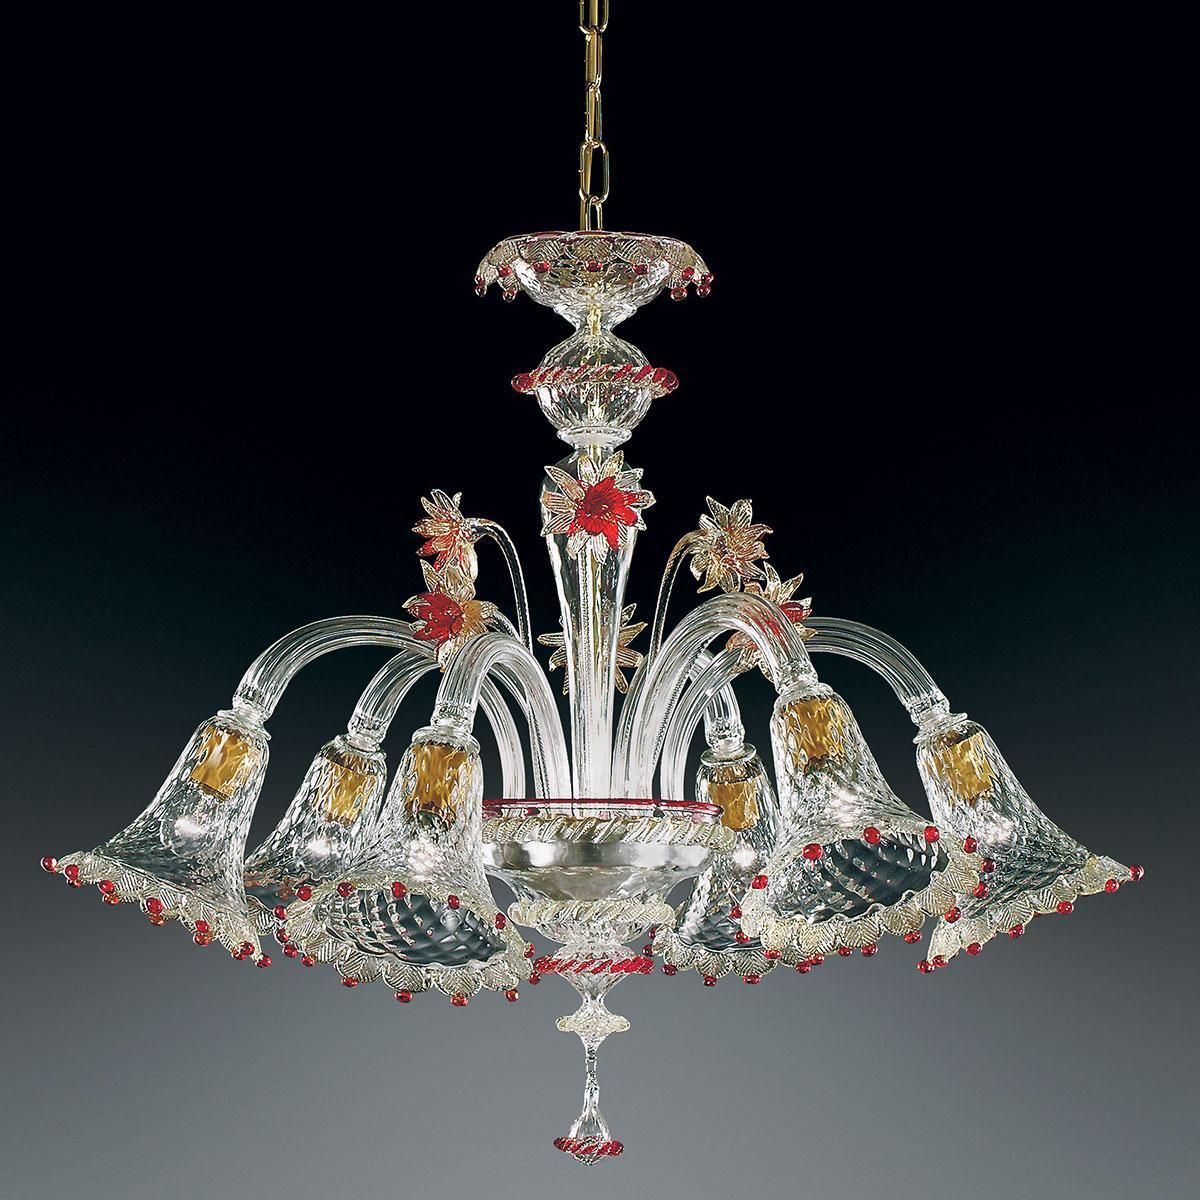 """""""Rosalba"""" lampara de araña de Murano - 6 luces - transparente, oro y rojo"""